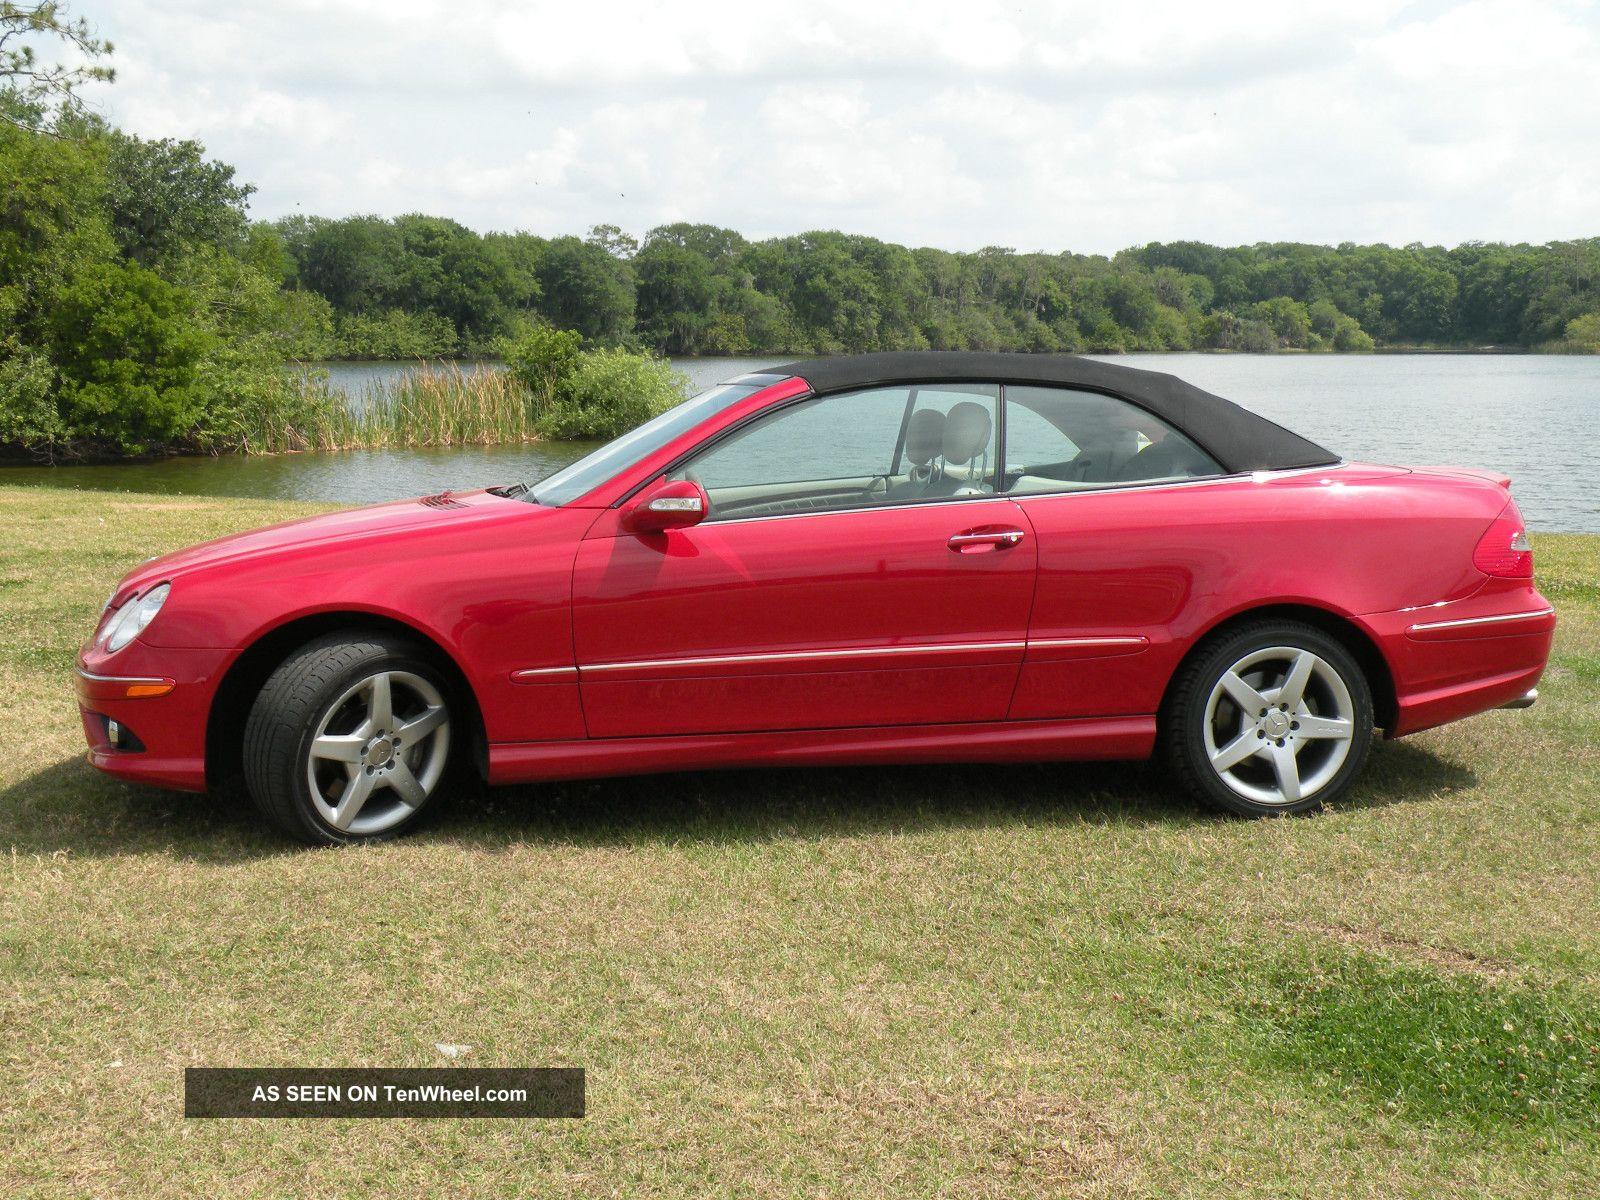 2006 mercedes benz clk500 base convertible 2 door 5 0l for 2006 mercedes benz clk500